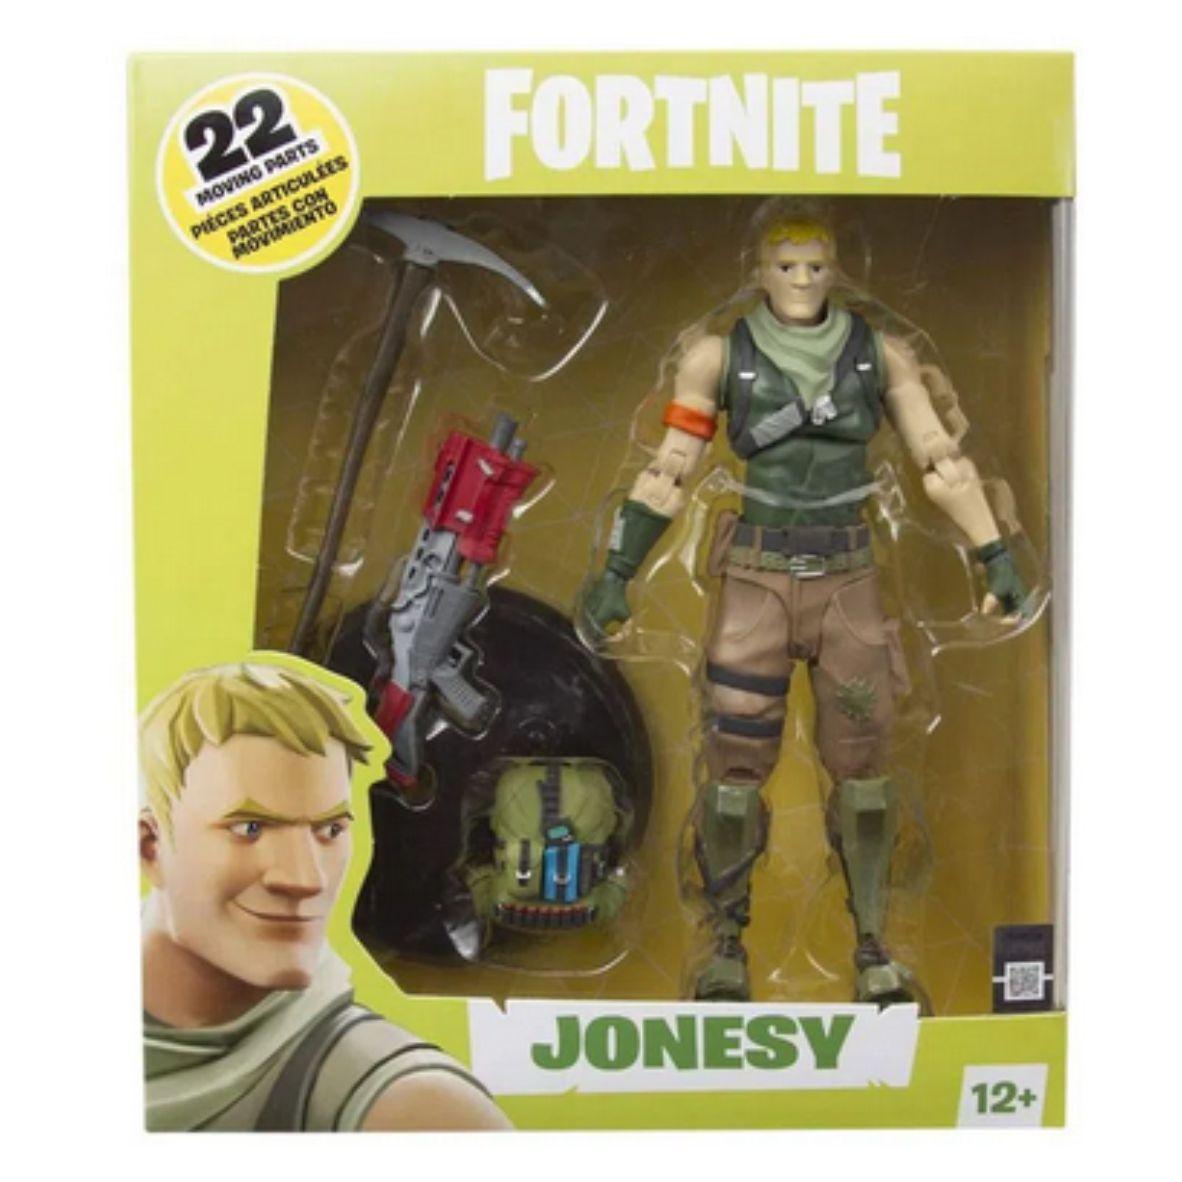 Fortnite Jonesy